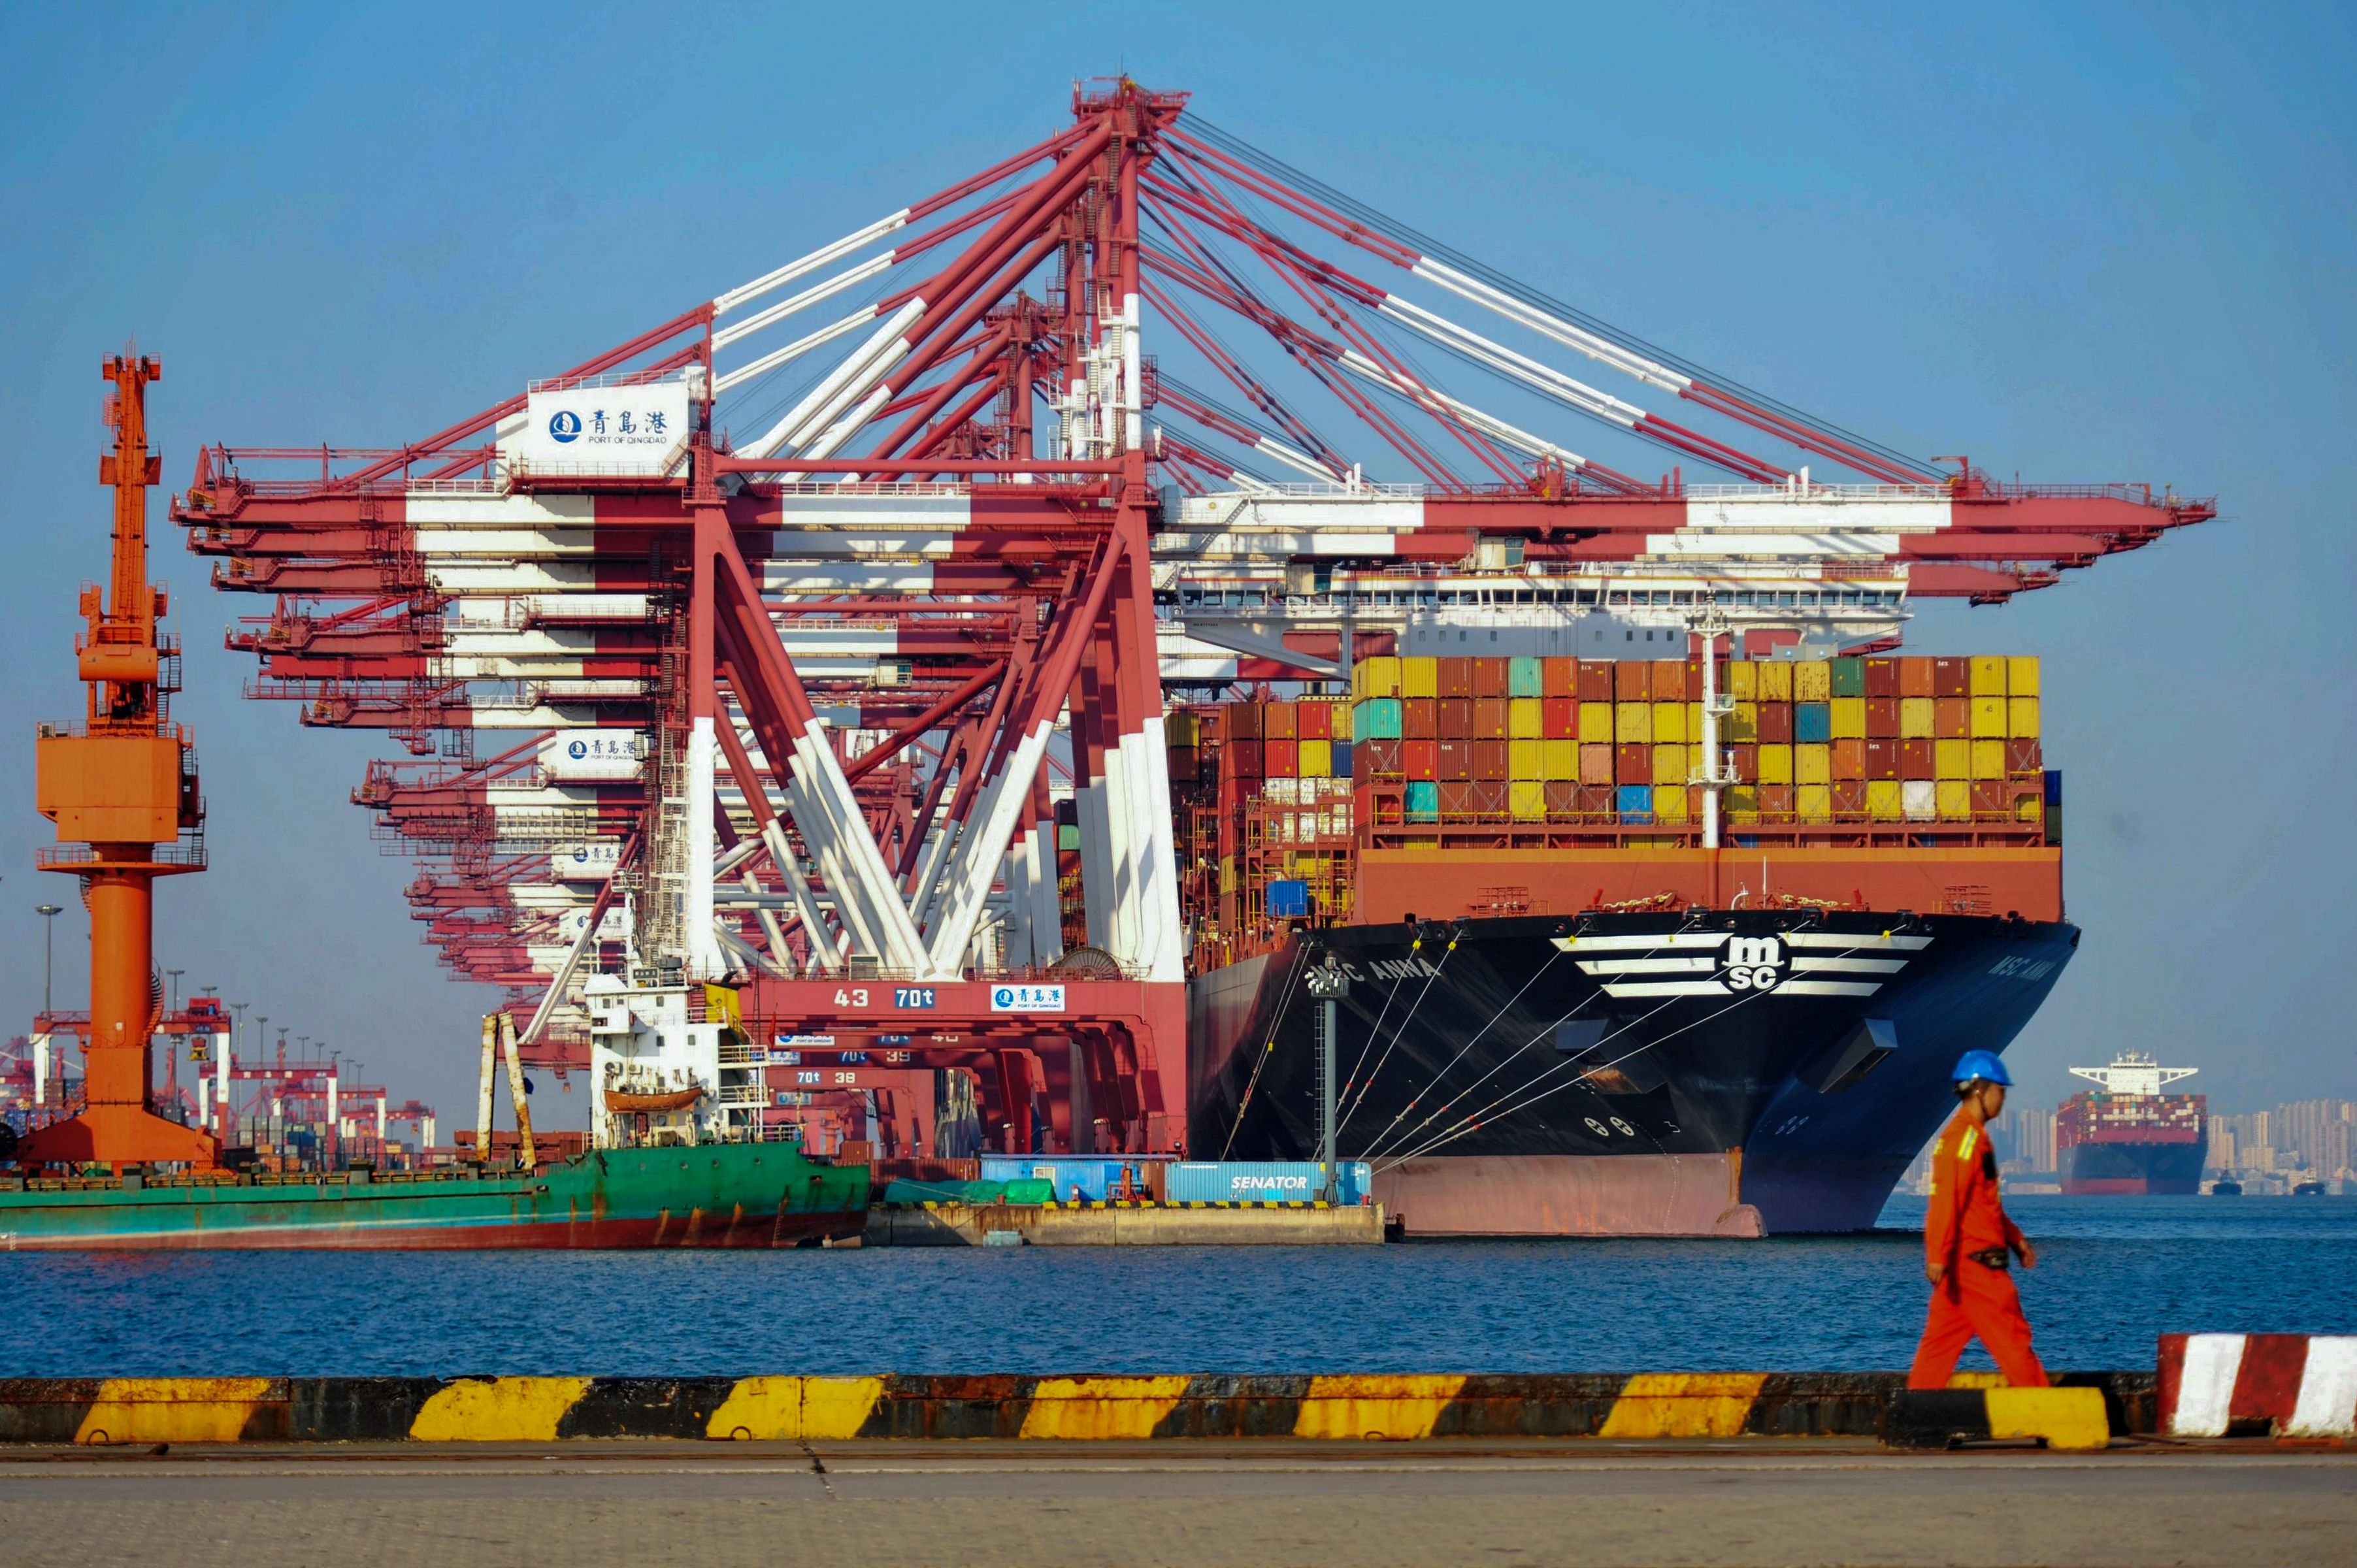 蘋果公司週三下修財測、中國經濟下行,以及美股震盪等種種負面因素,是否會牽動正在進行的美中貿易談判,成為2019年伊始全球最關注的焦點。 (STR/AFP/Getty Images)